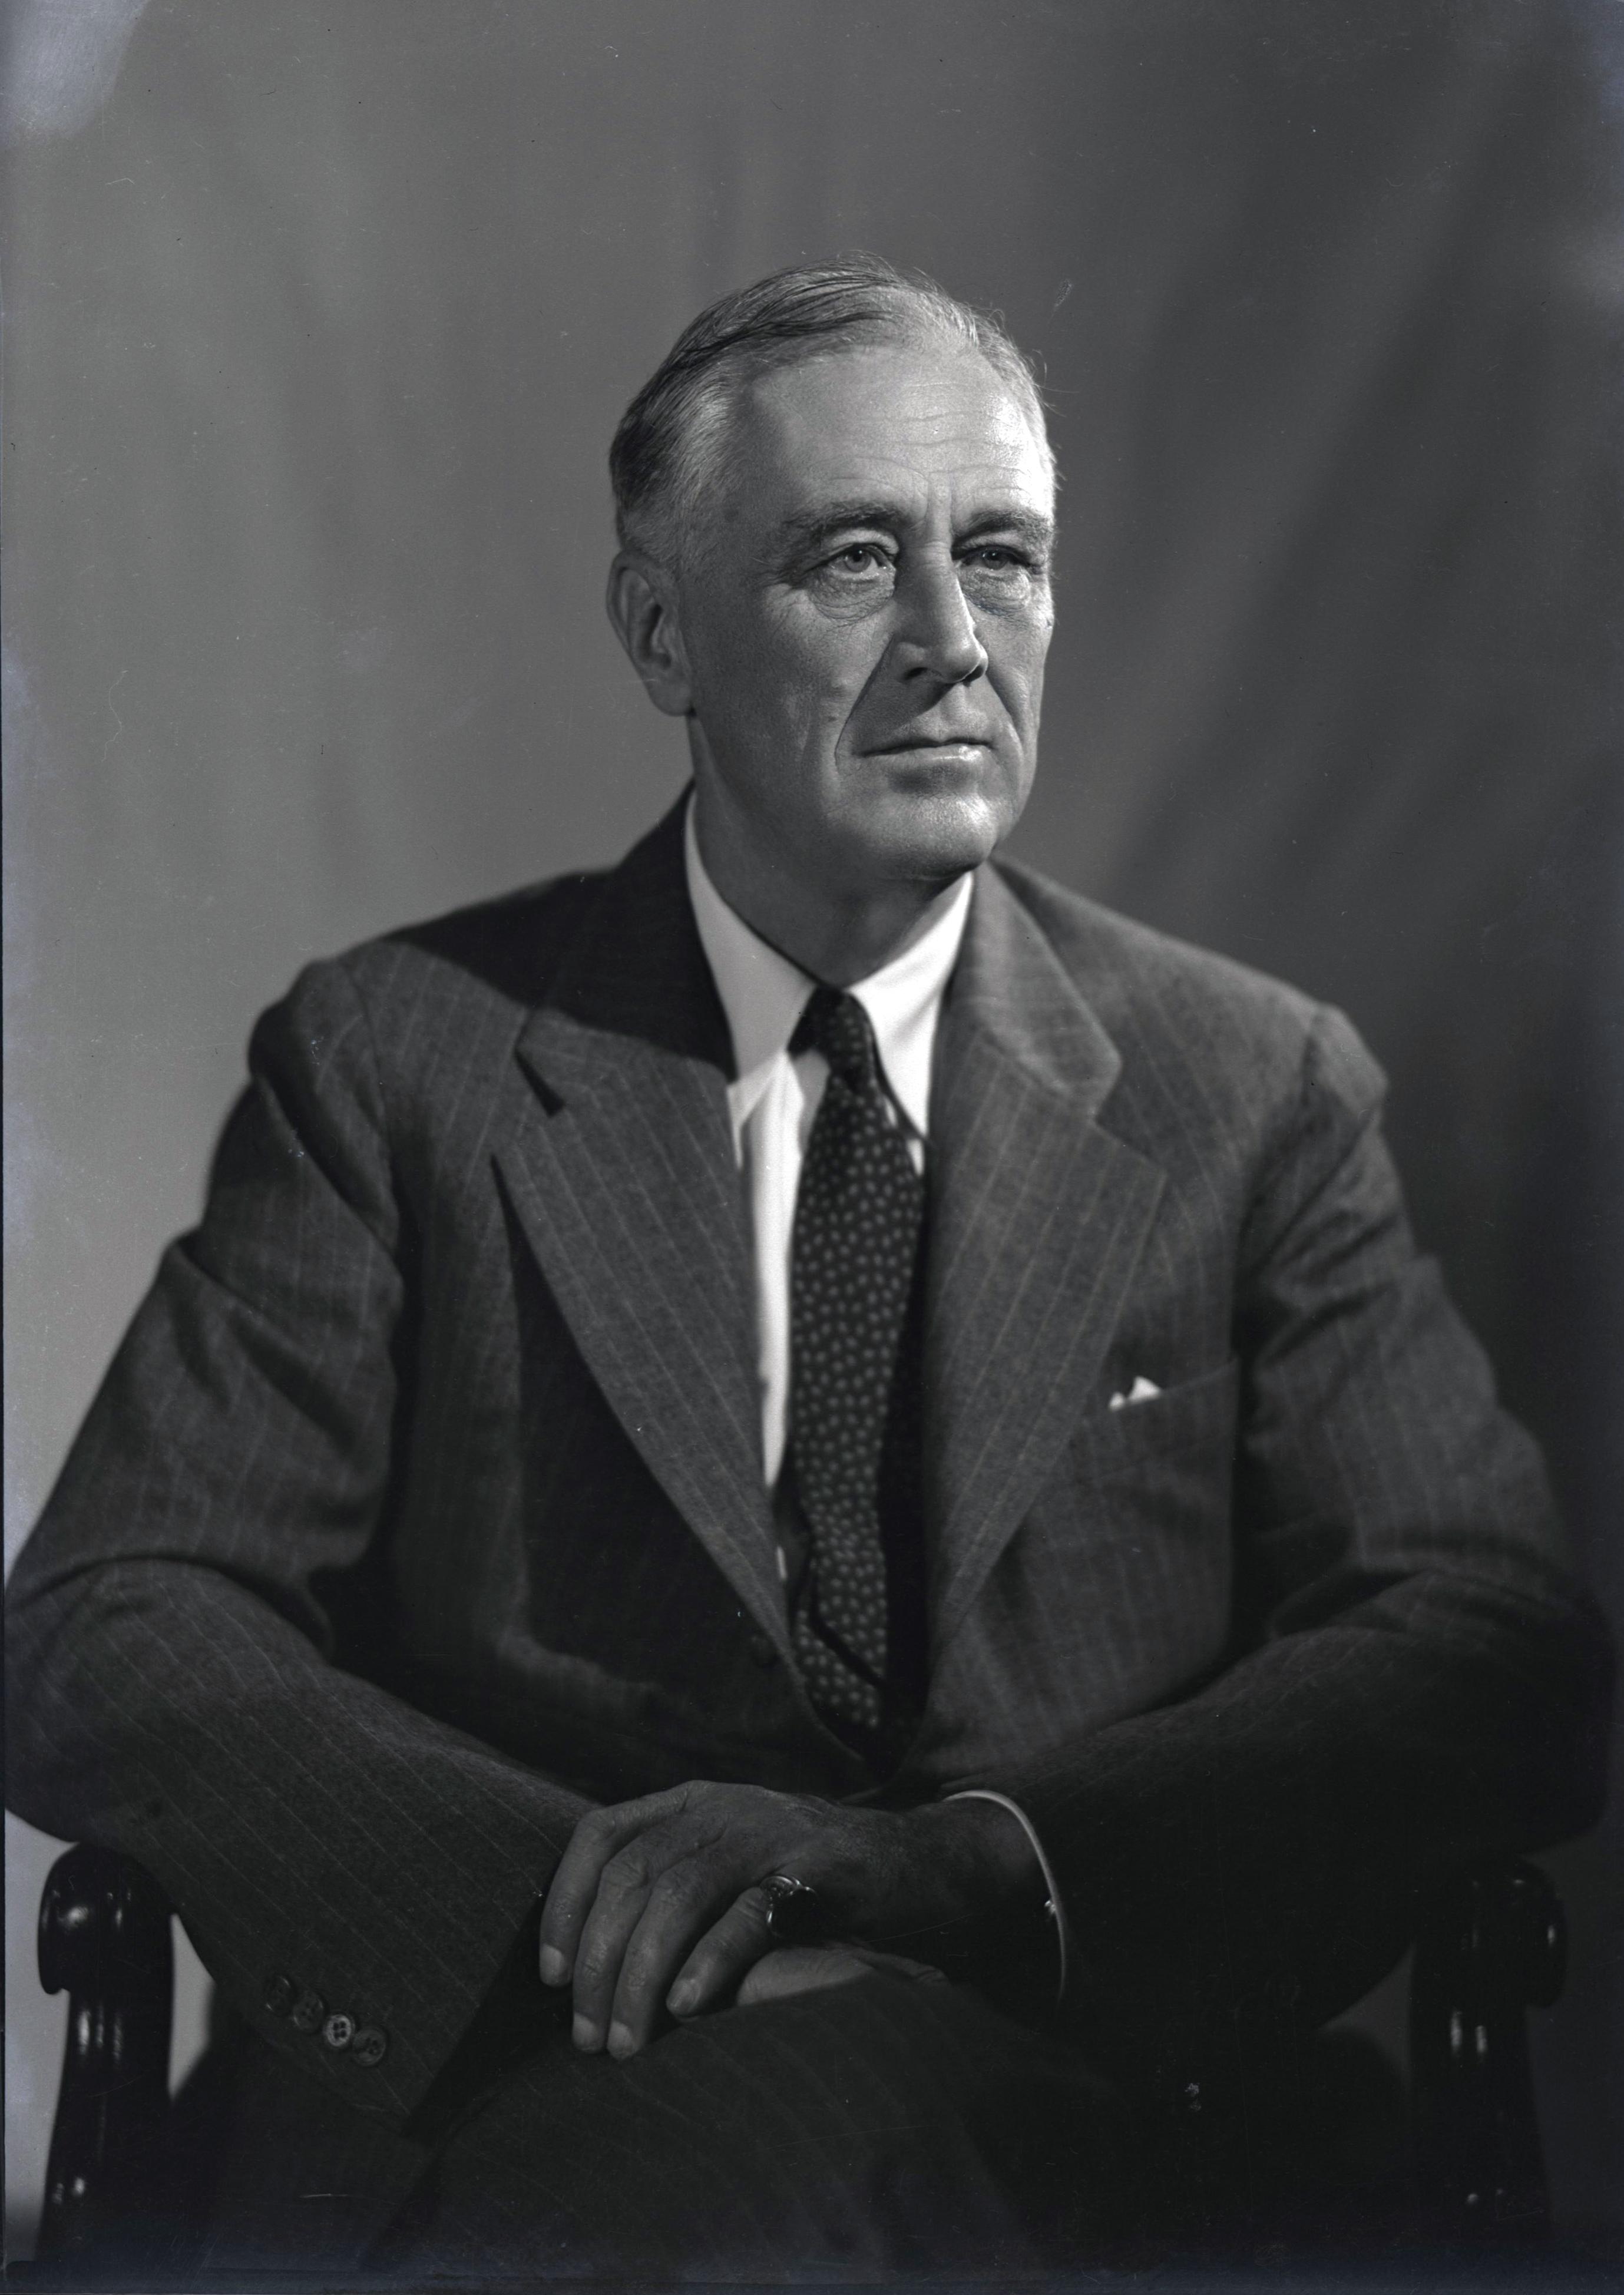 File:1944 portrait of FDR (1).jpg